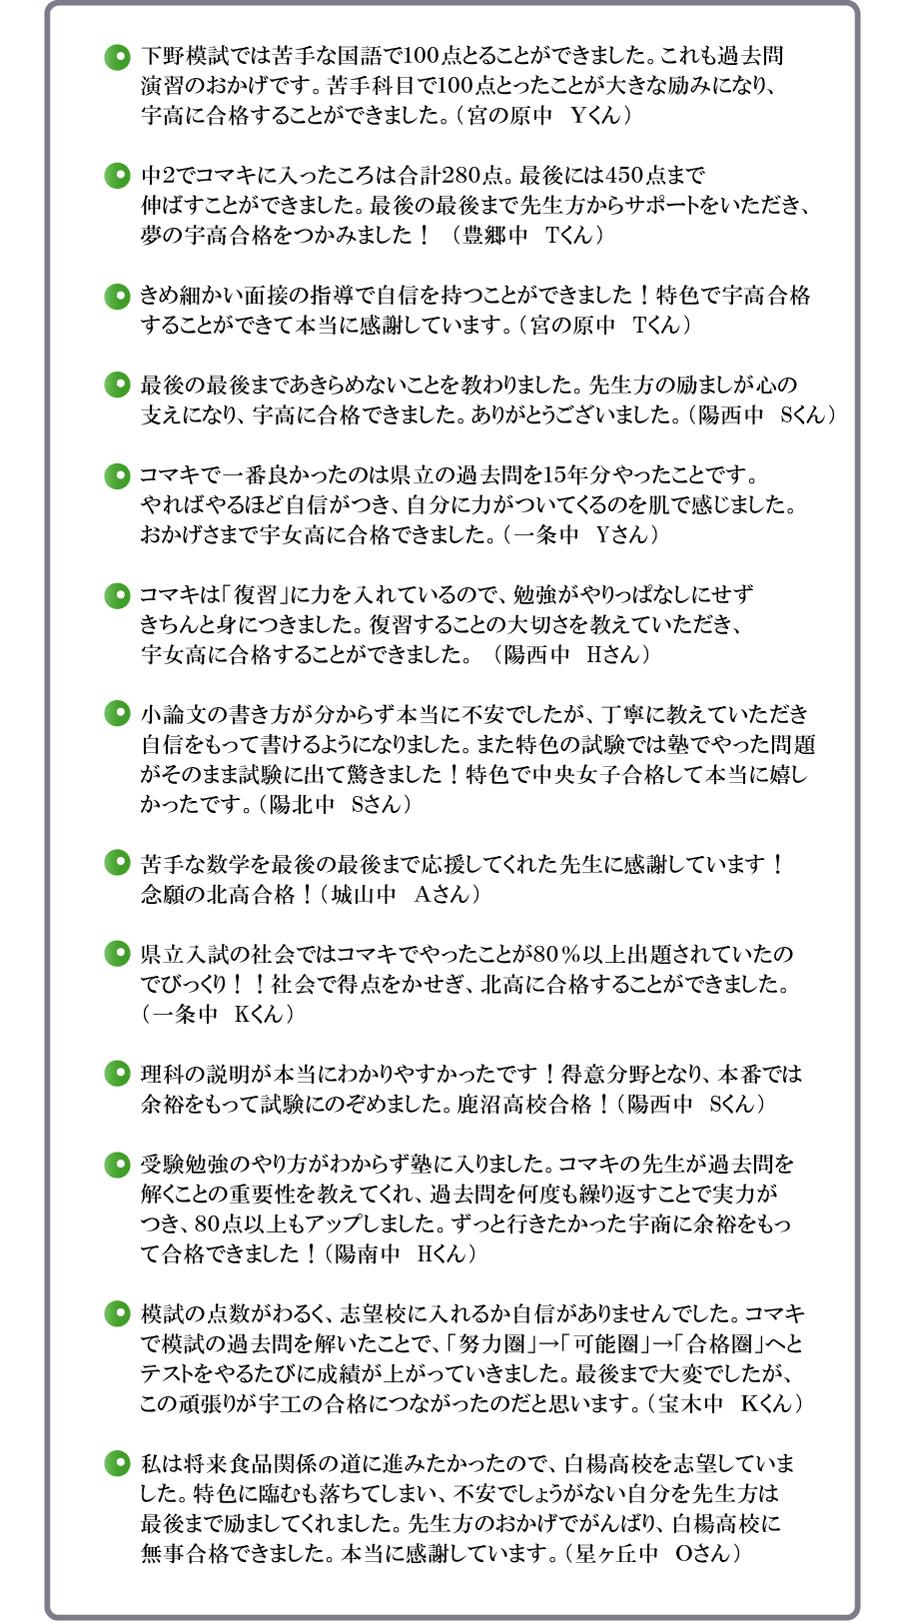 合格の声。栃木県立高校に合格した生徒さんの喜びの声を掲載しています。